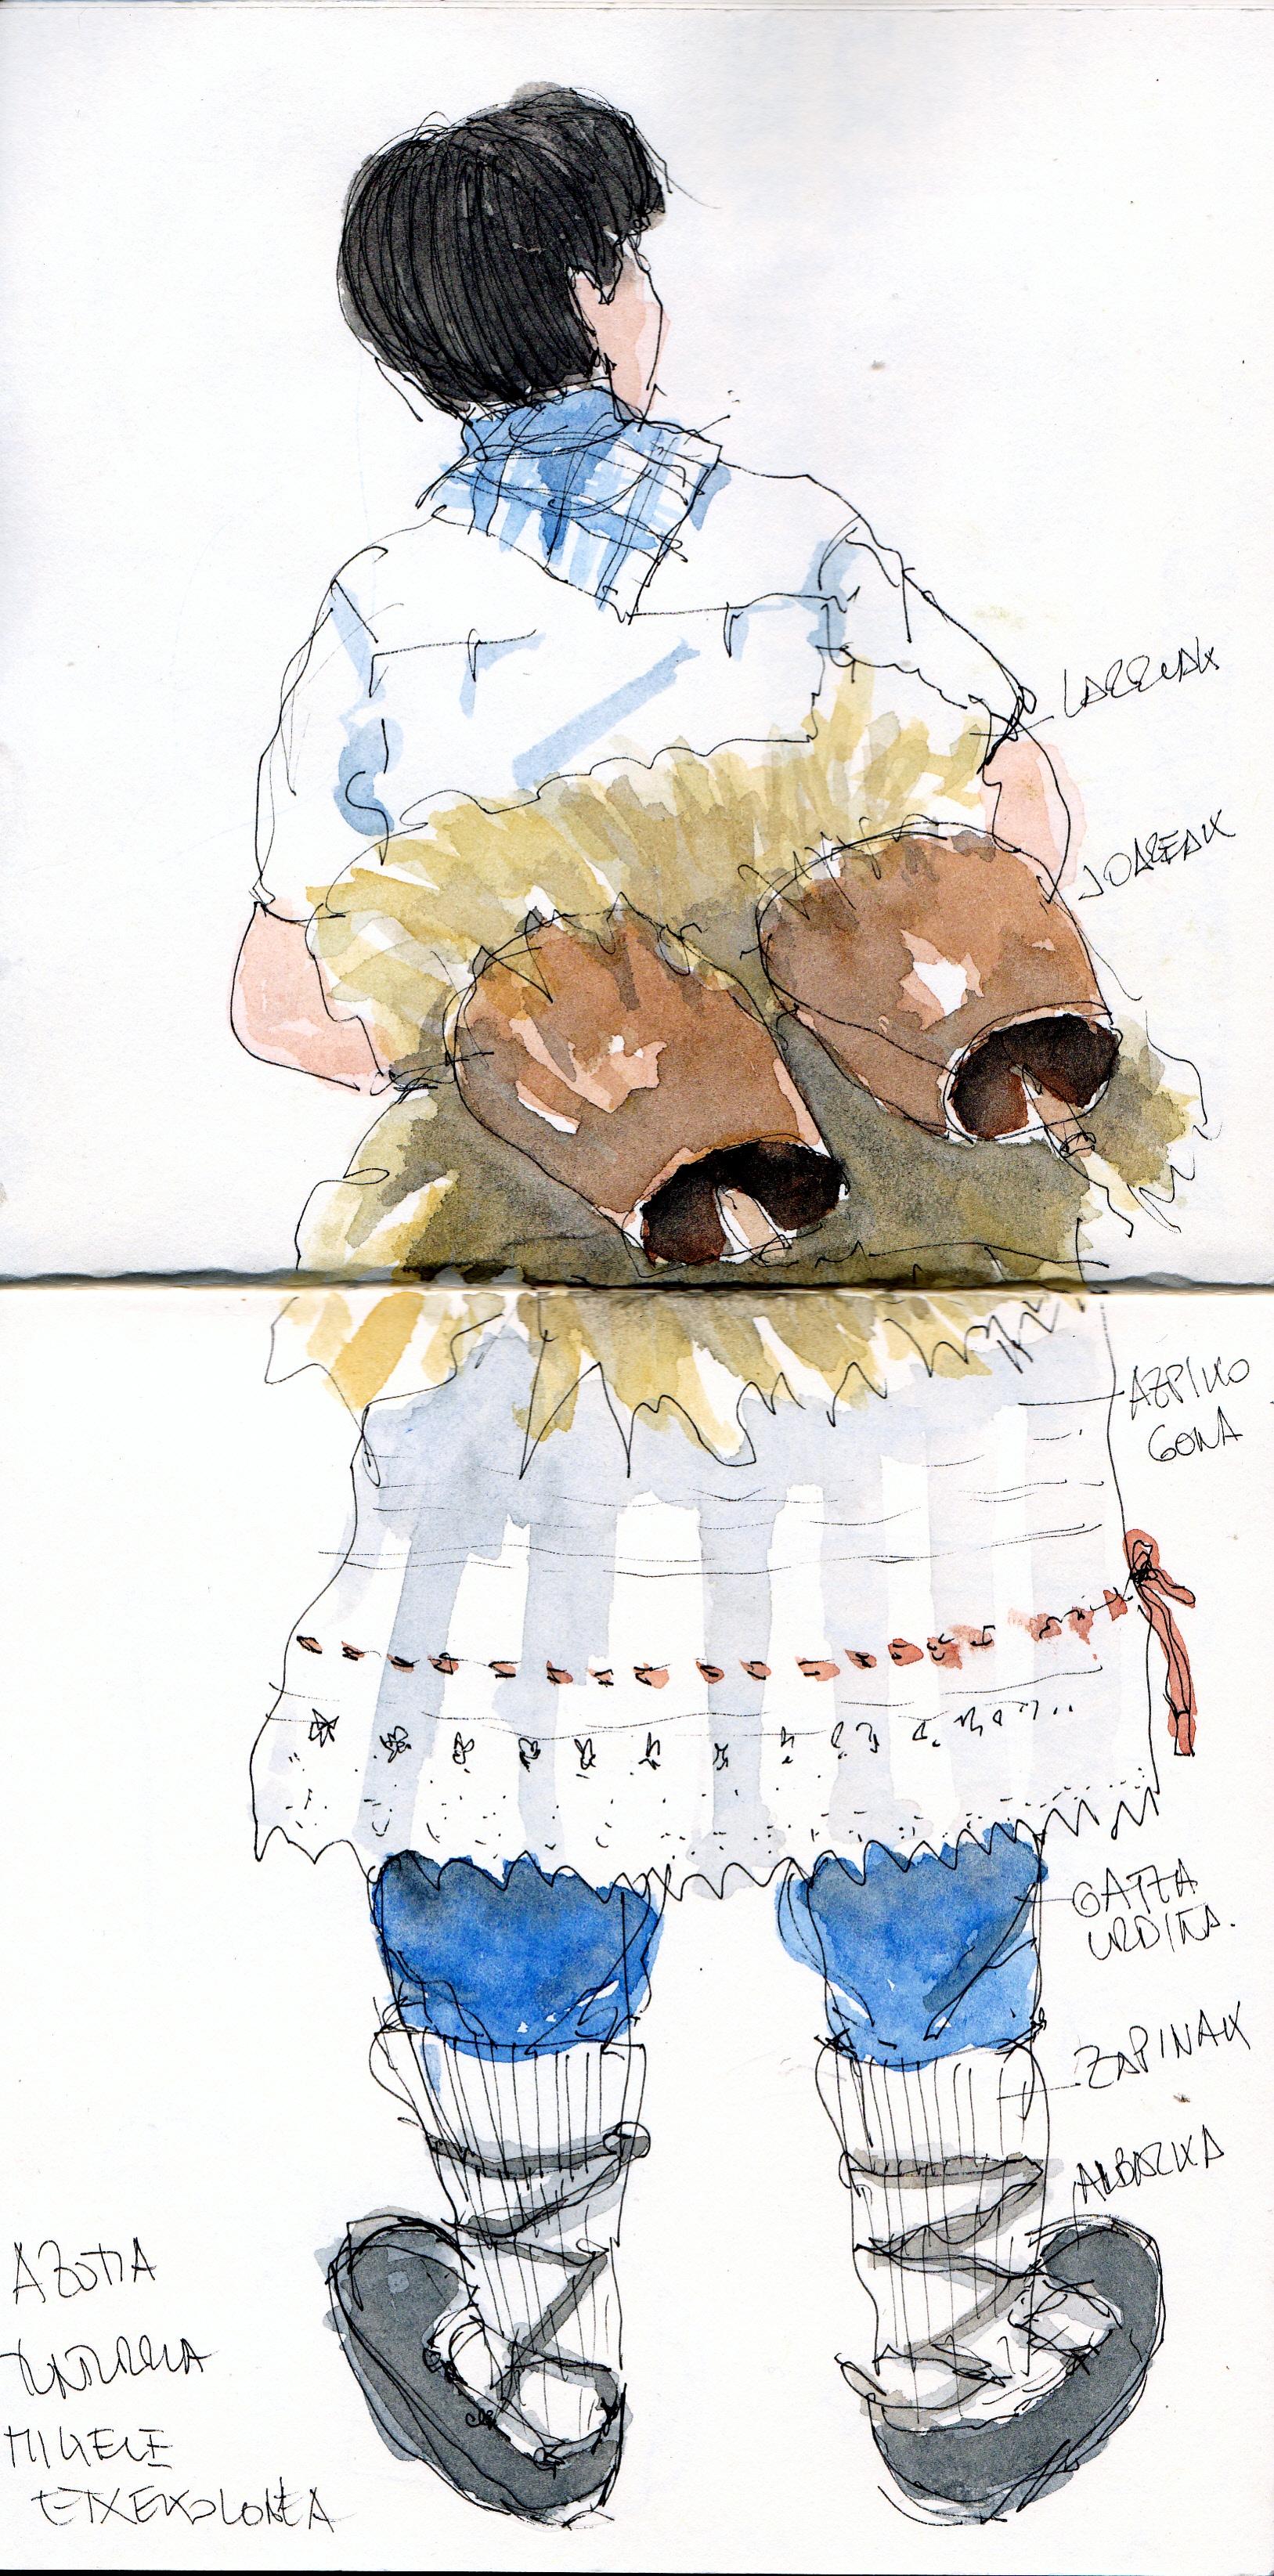 Joalduna de Zubieta